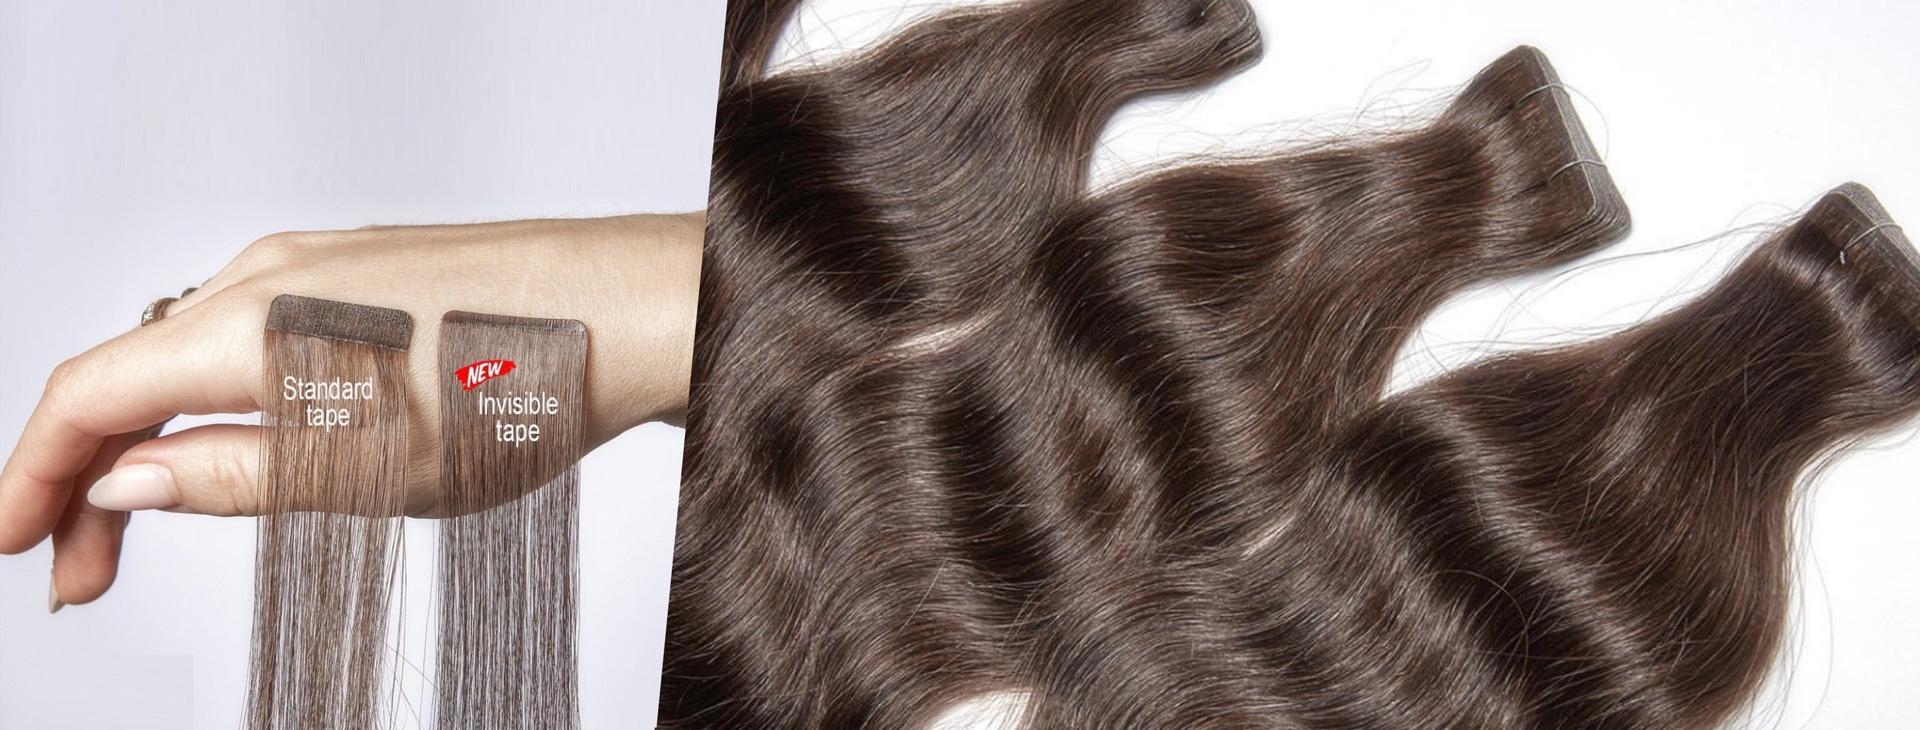 Slovanské vlasy - pasky invisible